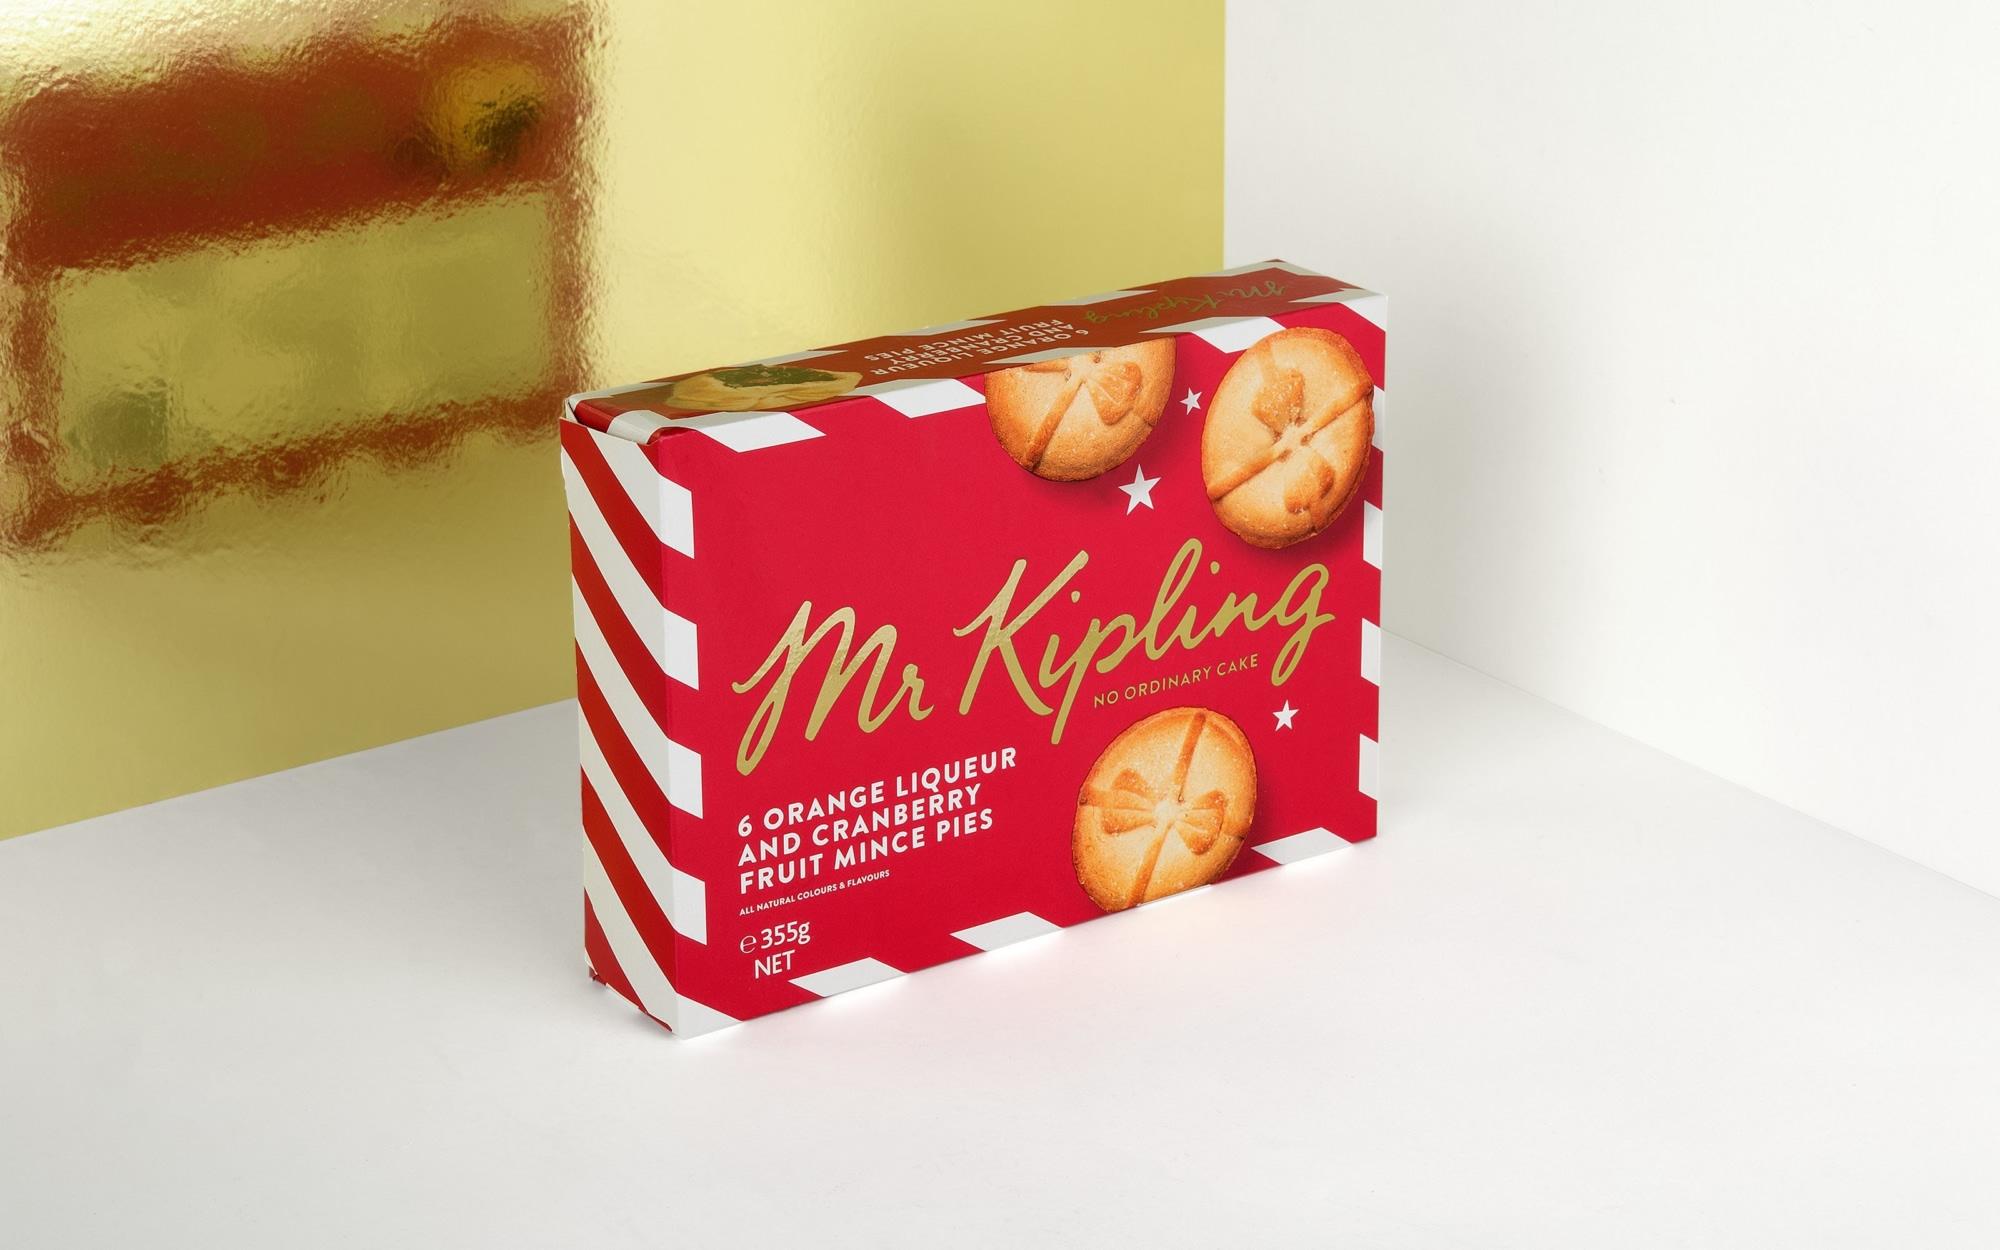 Mrkiplingaus Festive 3